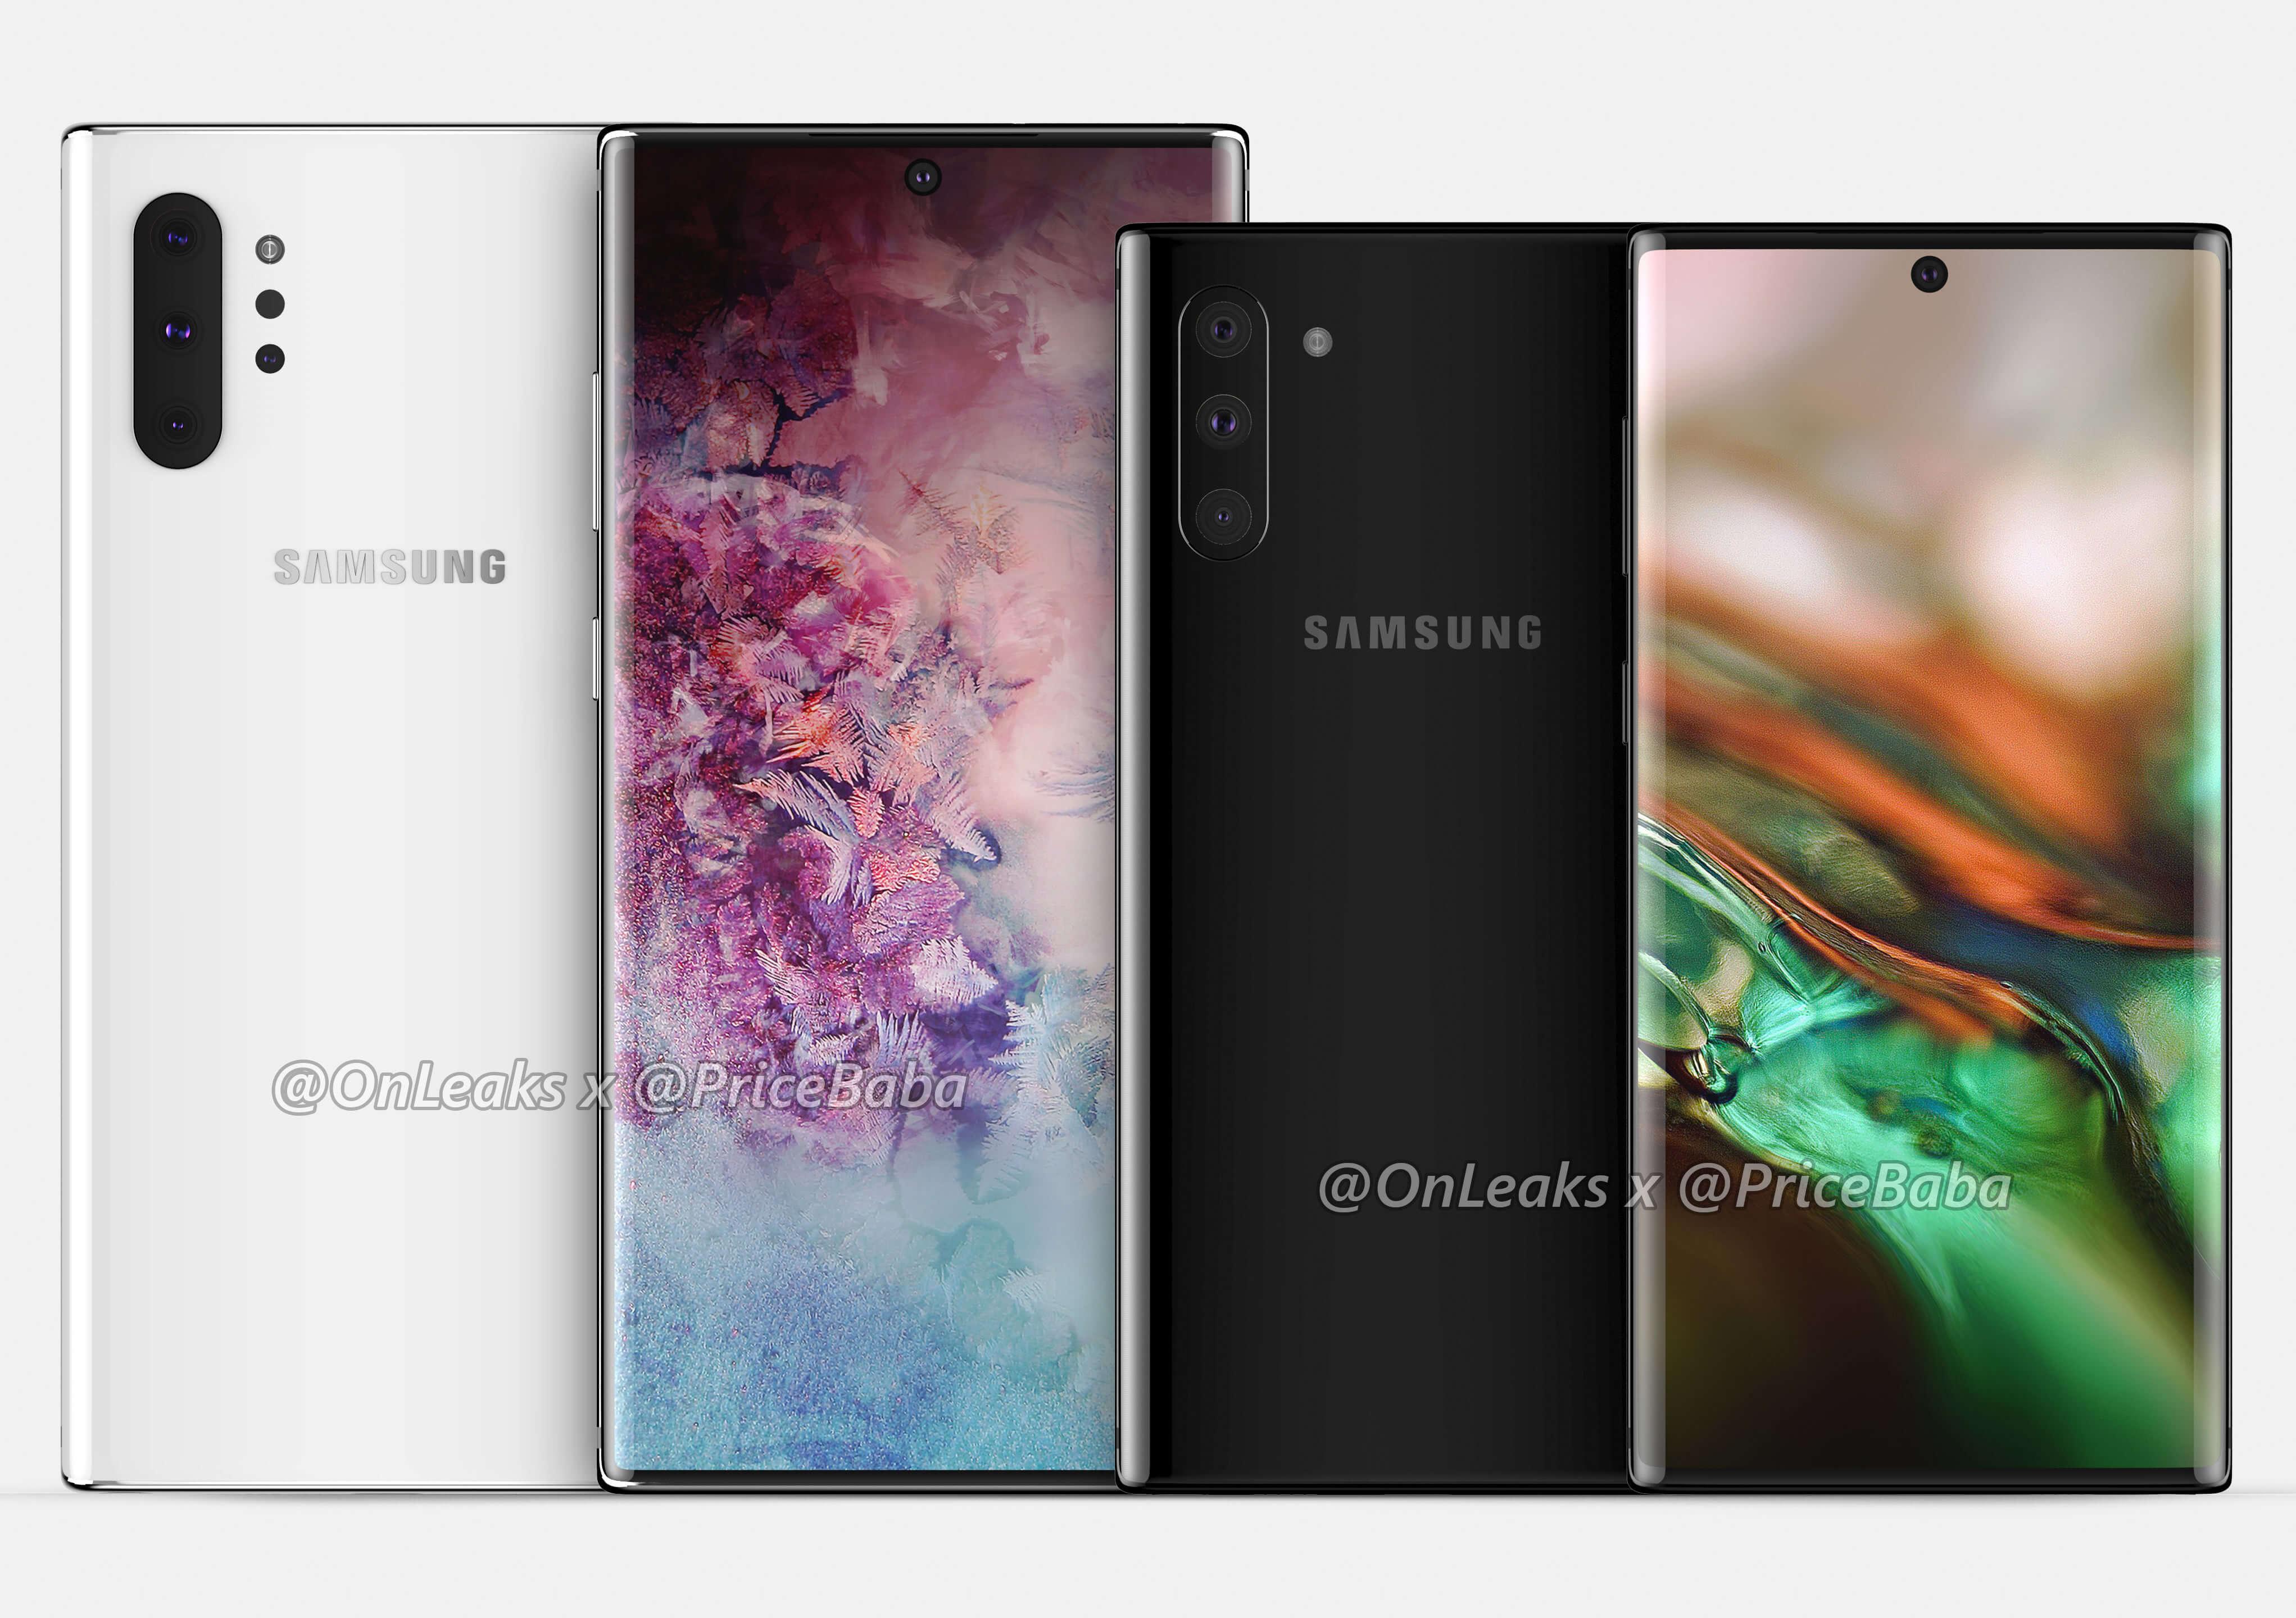 Samsung Galaxy Note 10 în cele mai noi imagini, îți confirmă cum va arăta noul telefon de top al companiei